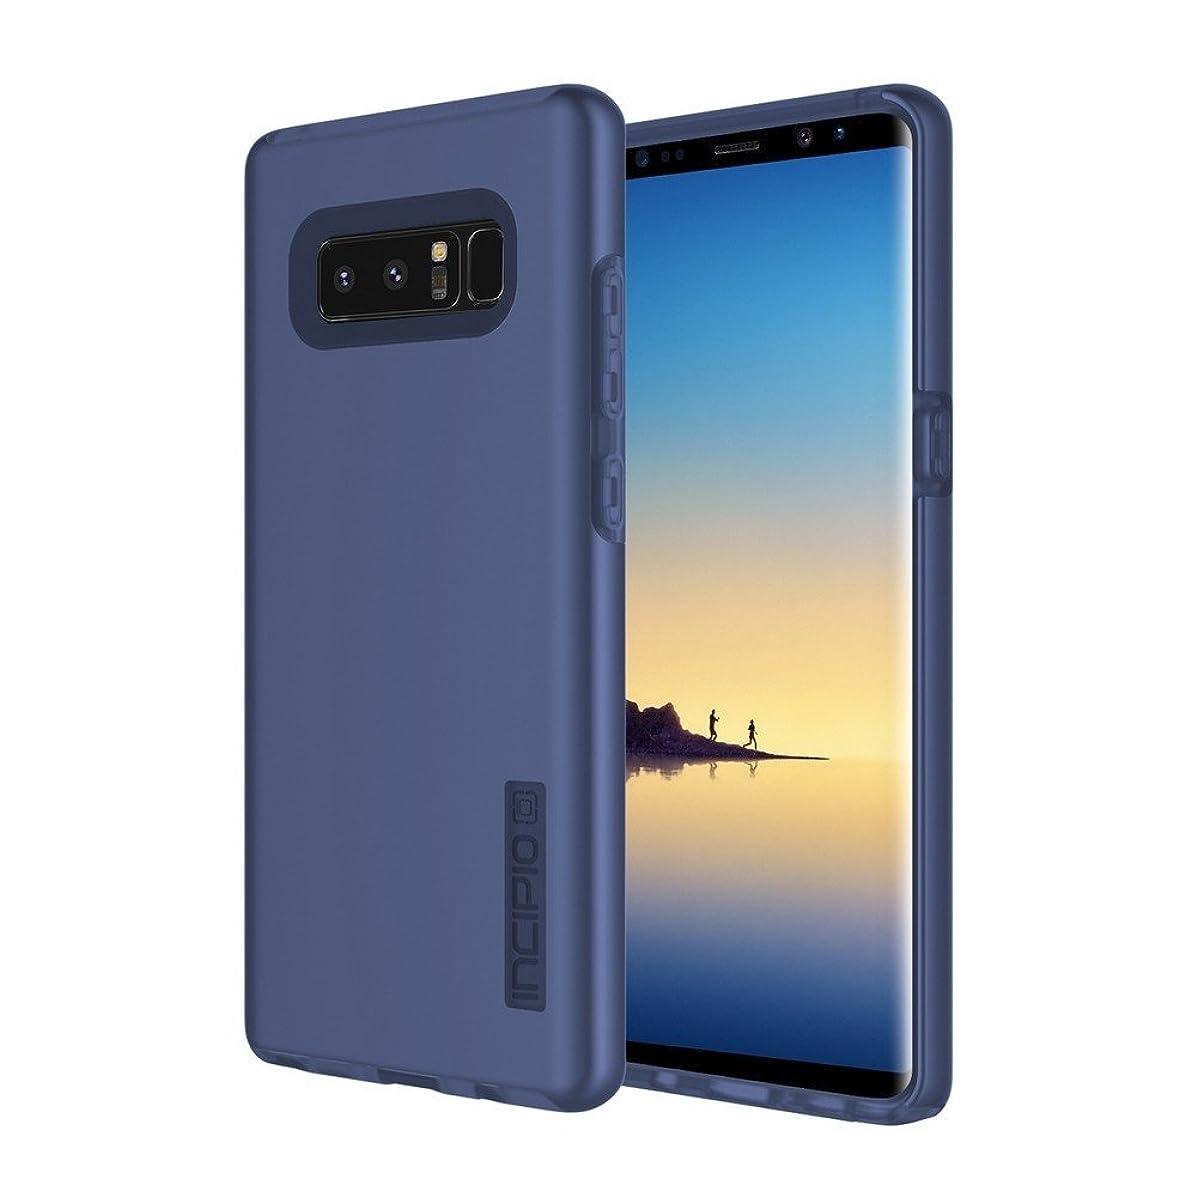 Incipio Samsung Galaxy Note 8 Dualpro Case - Midnight Blue